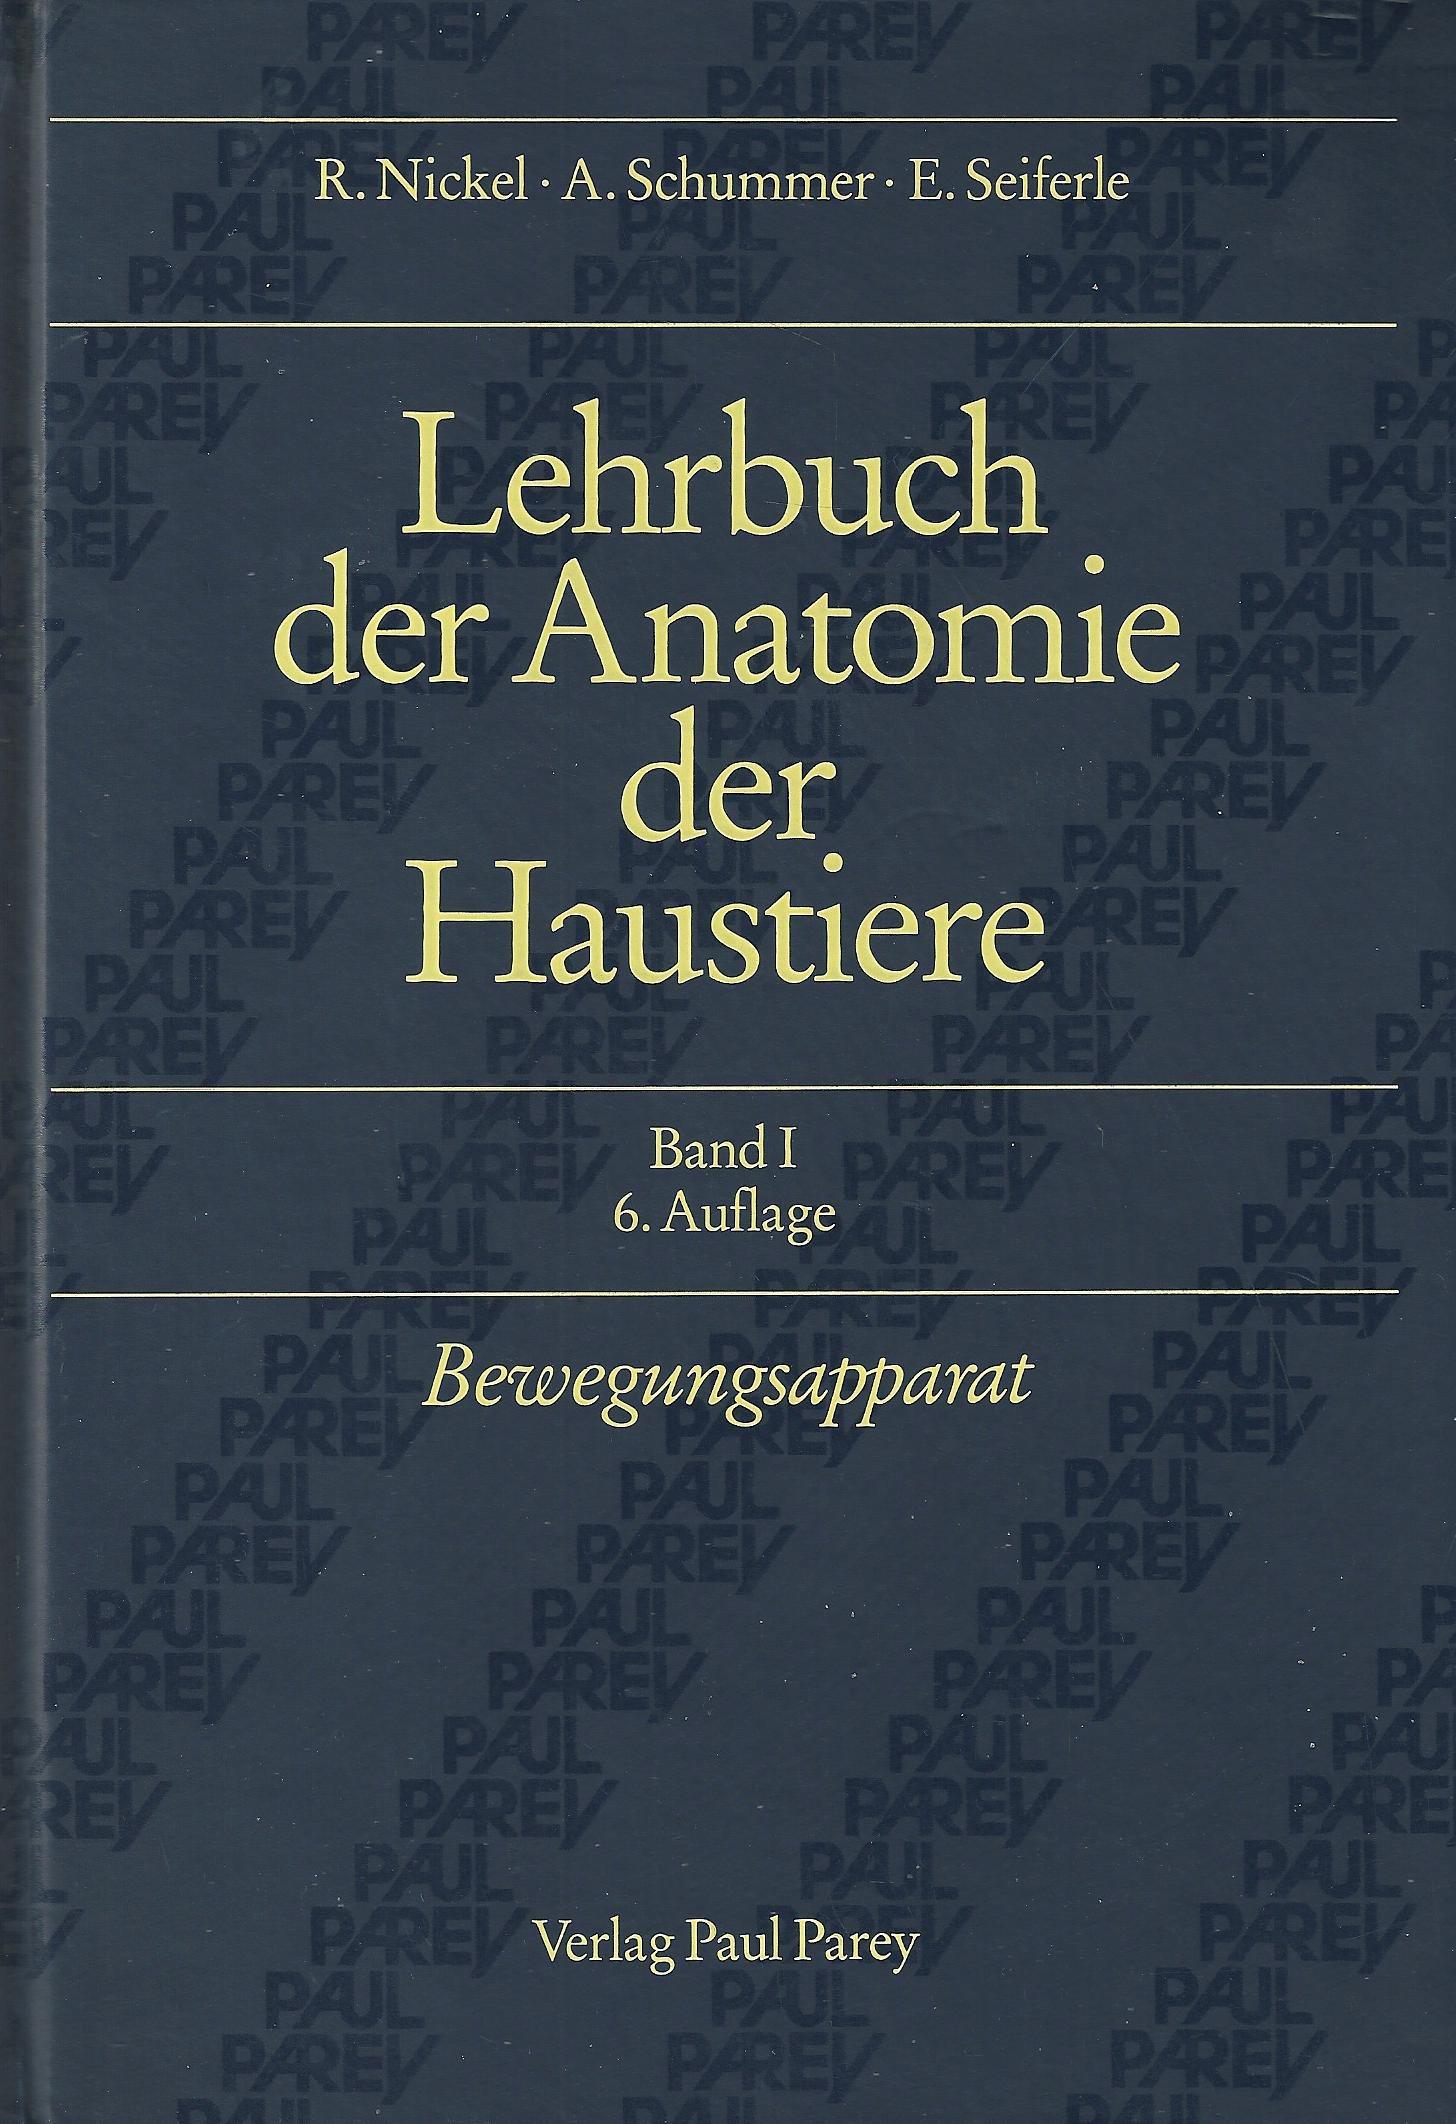 Erfreut Beste Anatomie Und Physiologie Lehrbuch Ideen - Physiologie ...